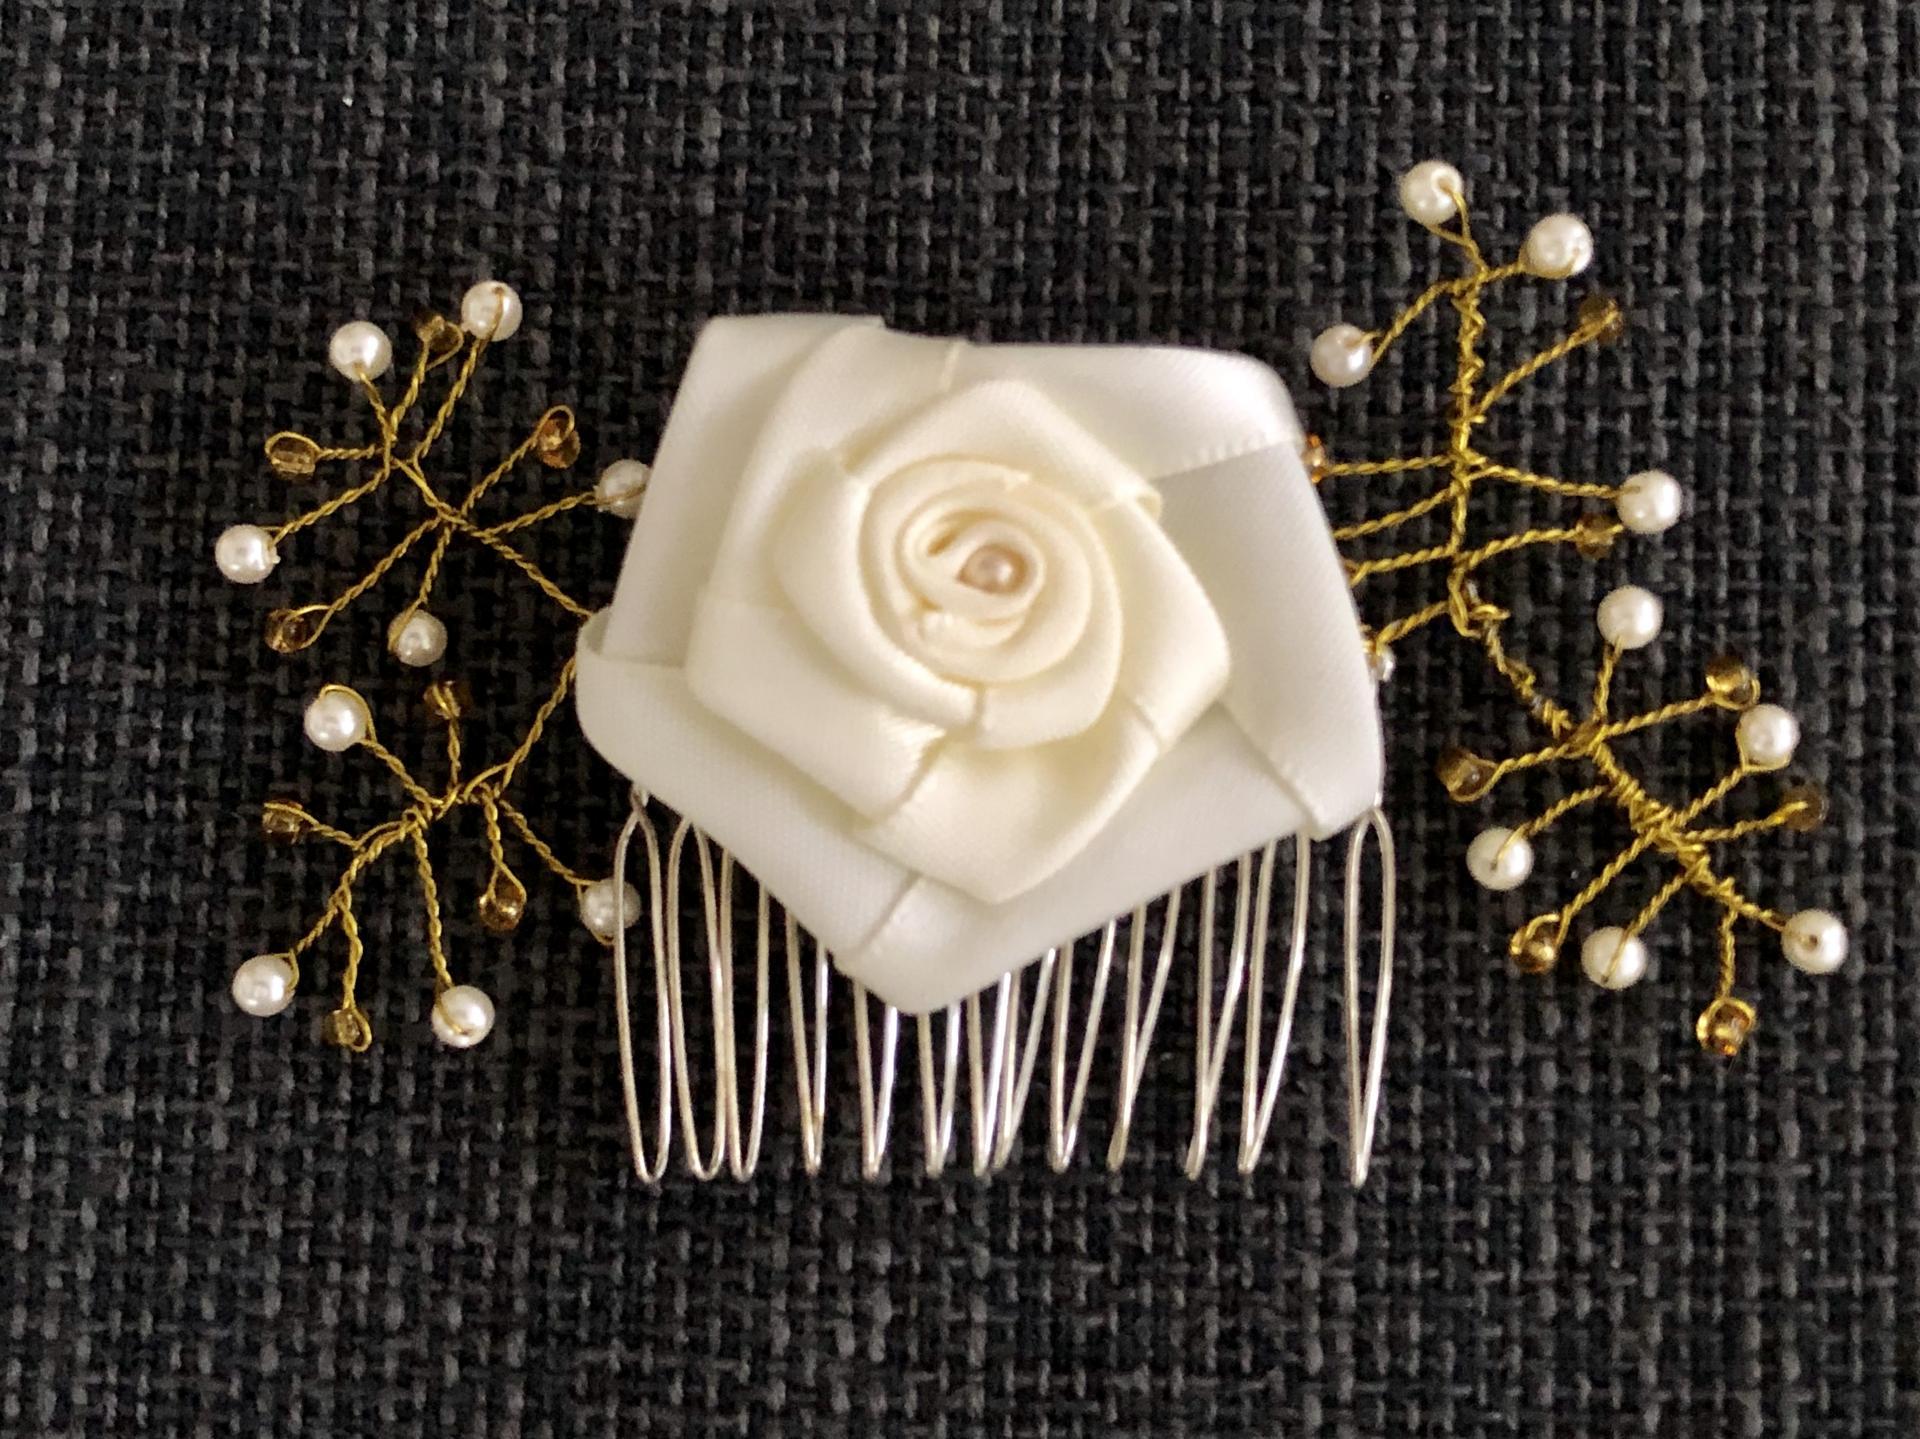 Peineta con flor y ramas con  perlas y bolas doradas